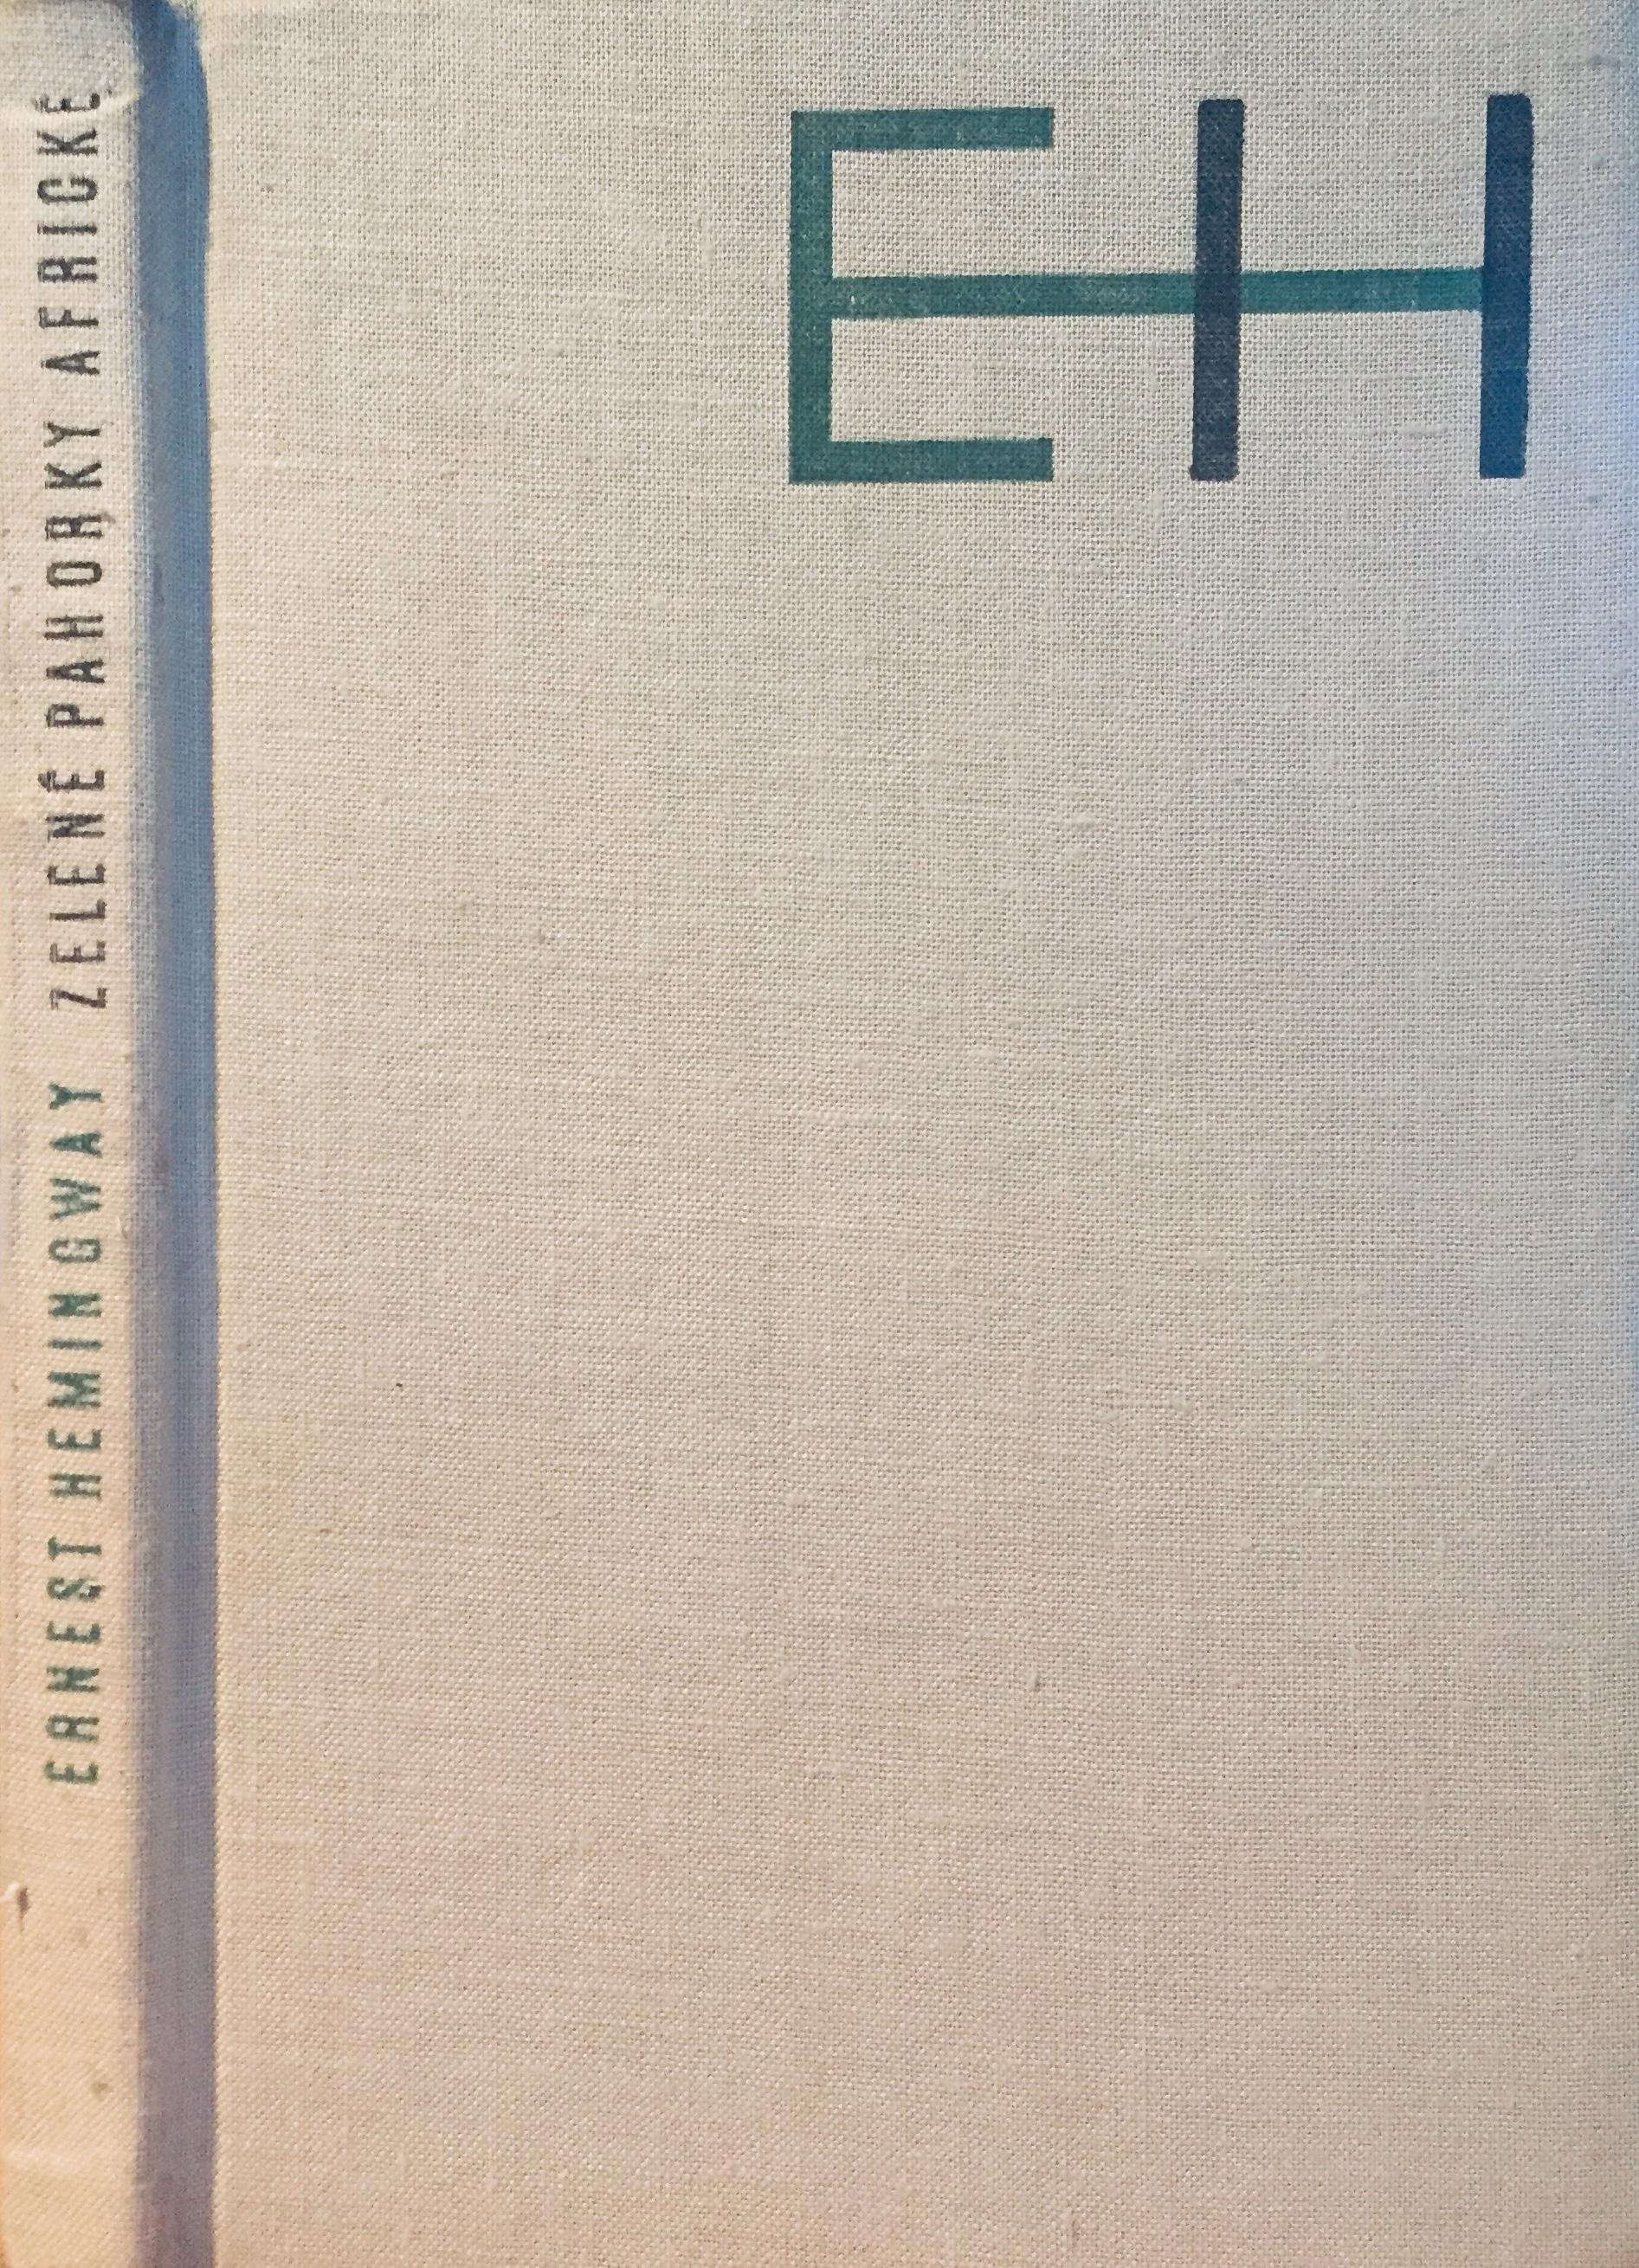 Zelené pahorky africké - Ernest Hemingway /bazarové zboží/